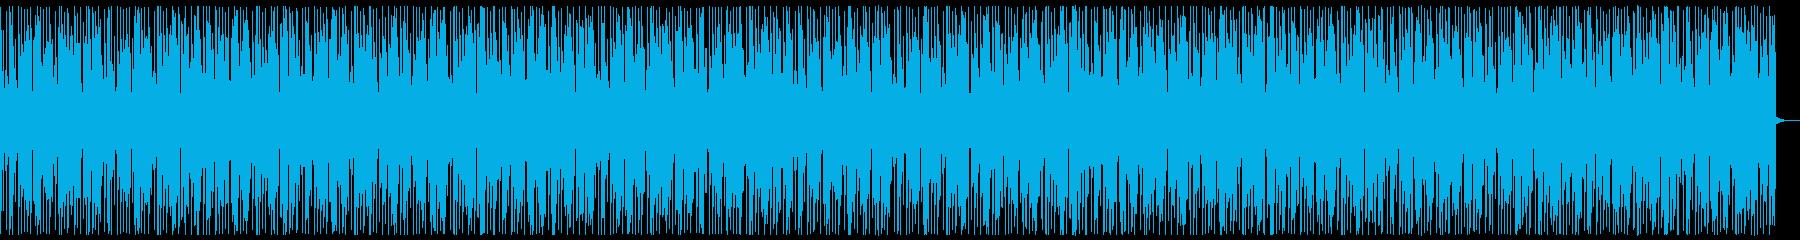 アップテンポでダンサブルなナンバーの再生済みの波形